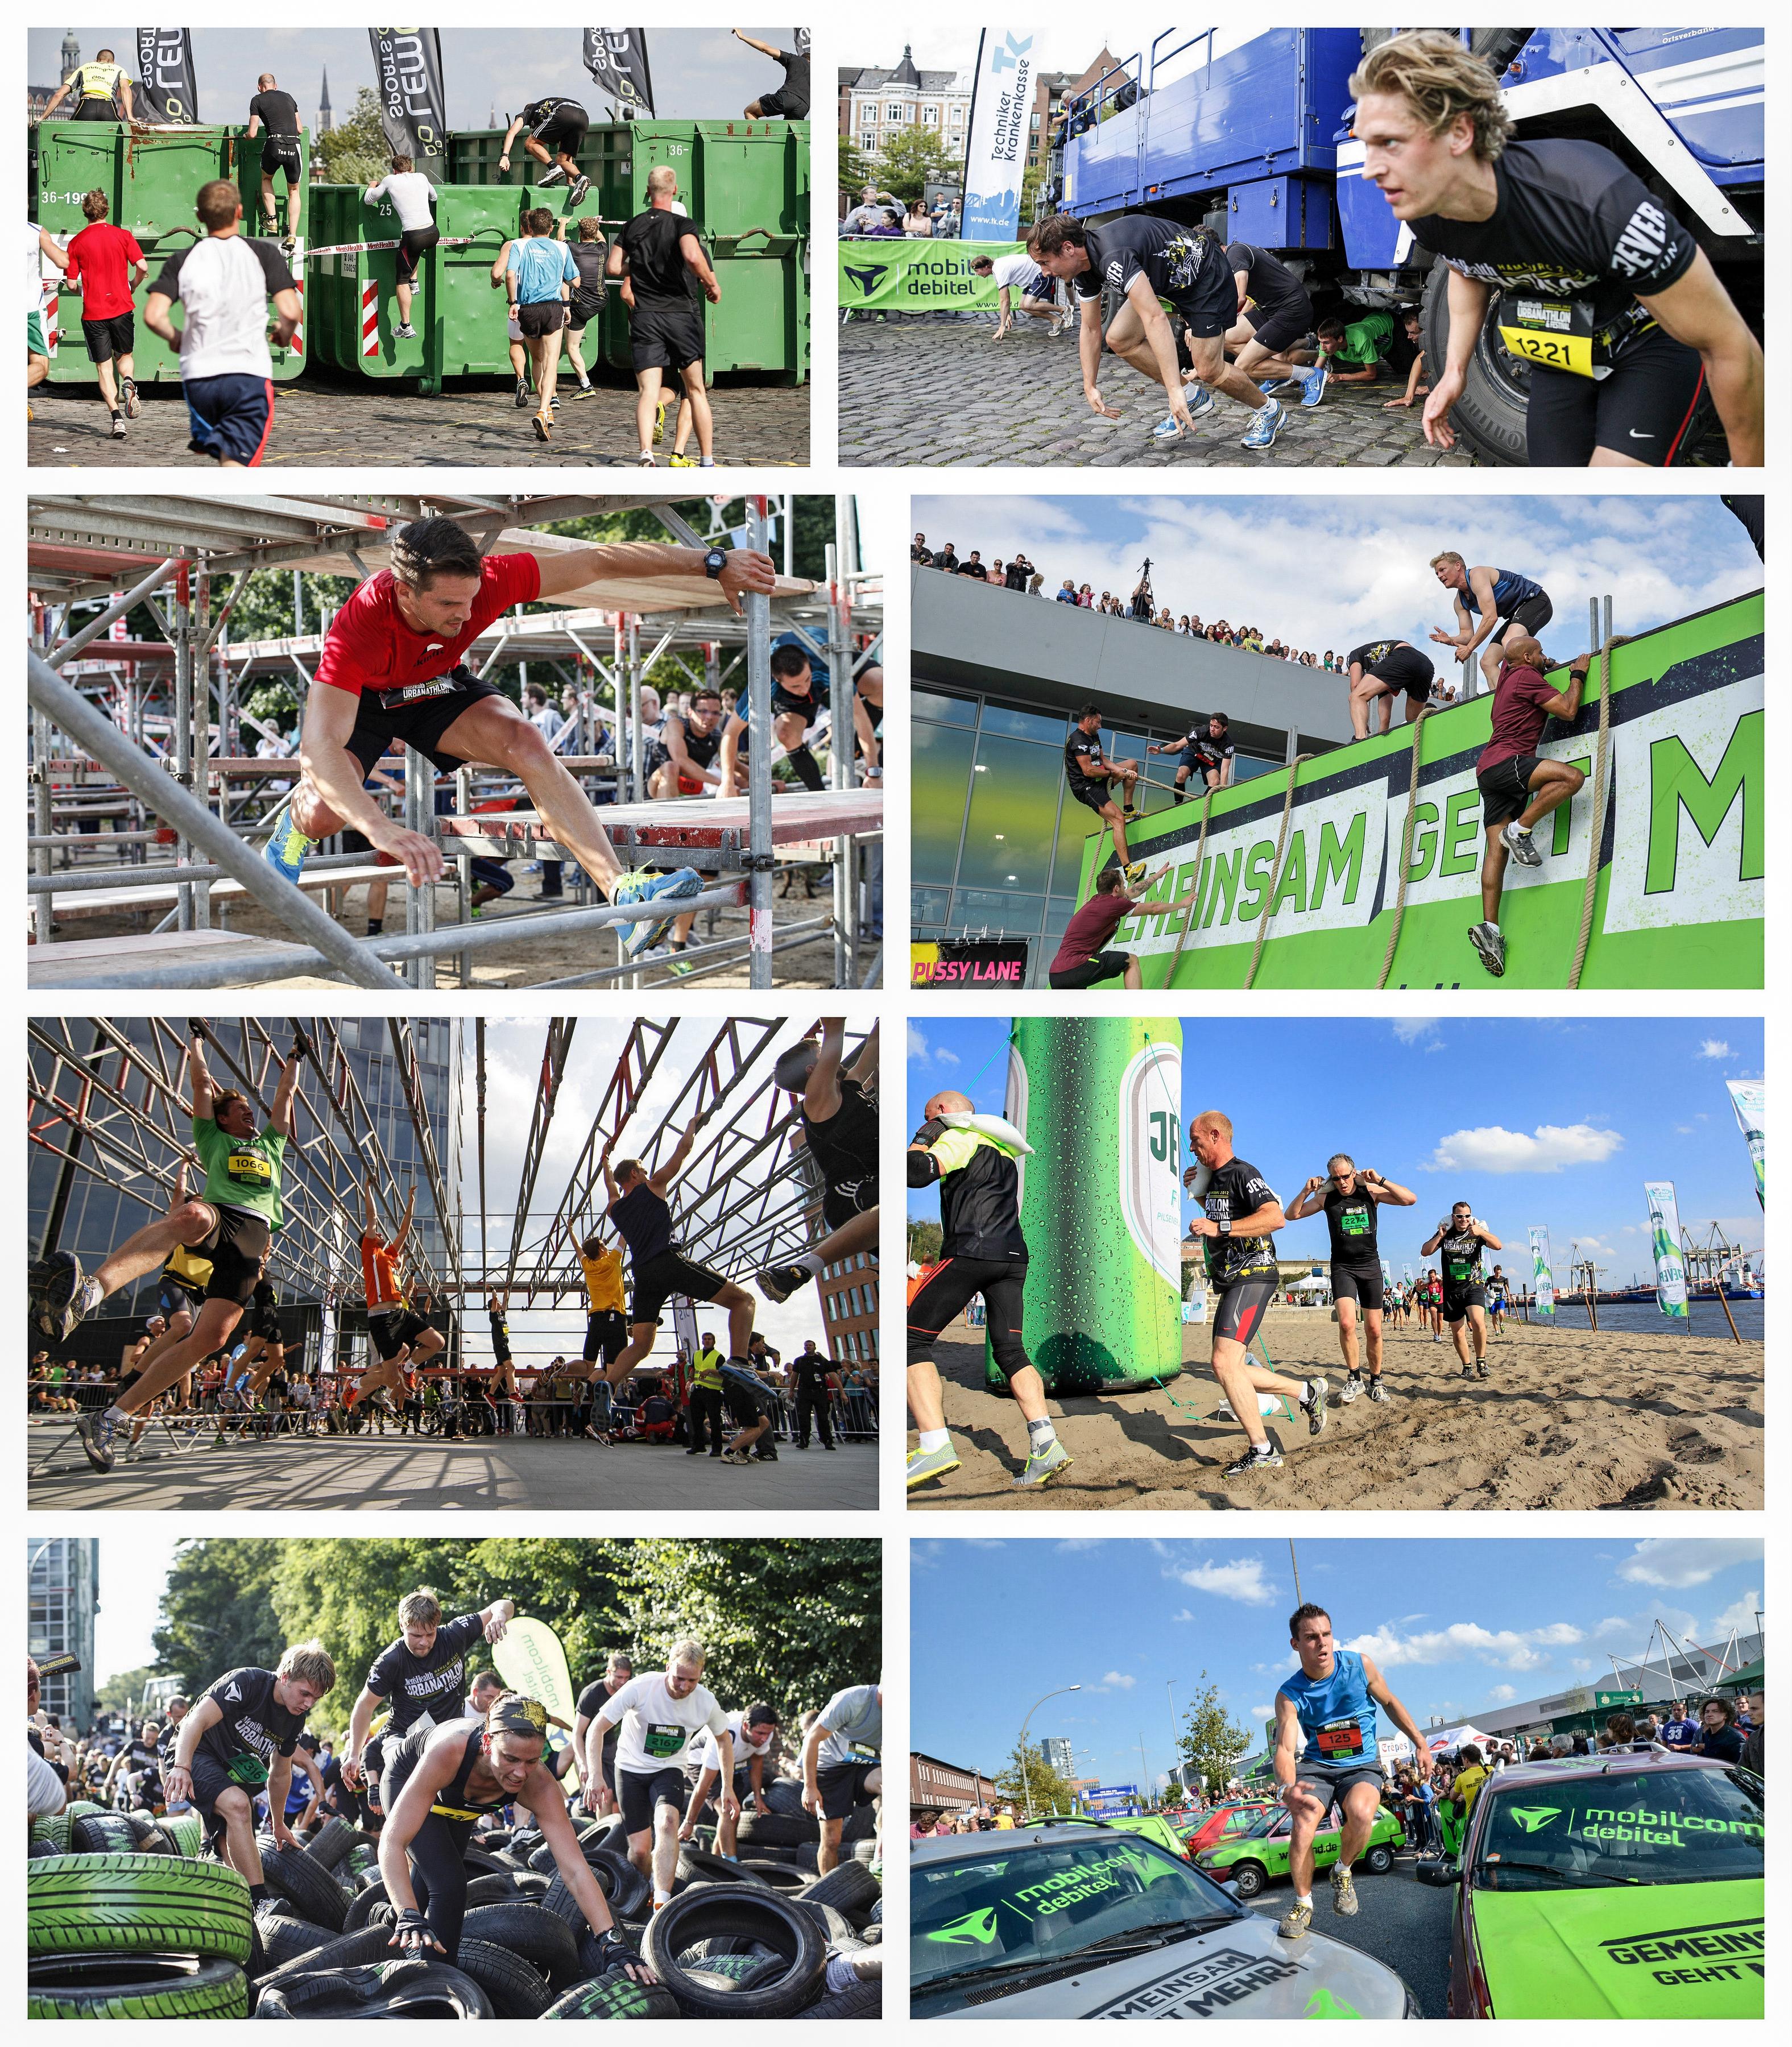 Bericht Urbanathlon debitel mobilcom Jever Hamburg Strecke Karte Startplatz Autos Sperrungen Teilnehmer Blog Marathon Halbmarathon Bone Breaker